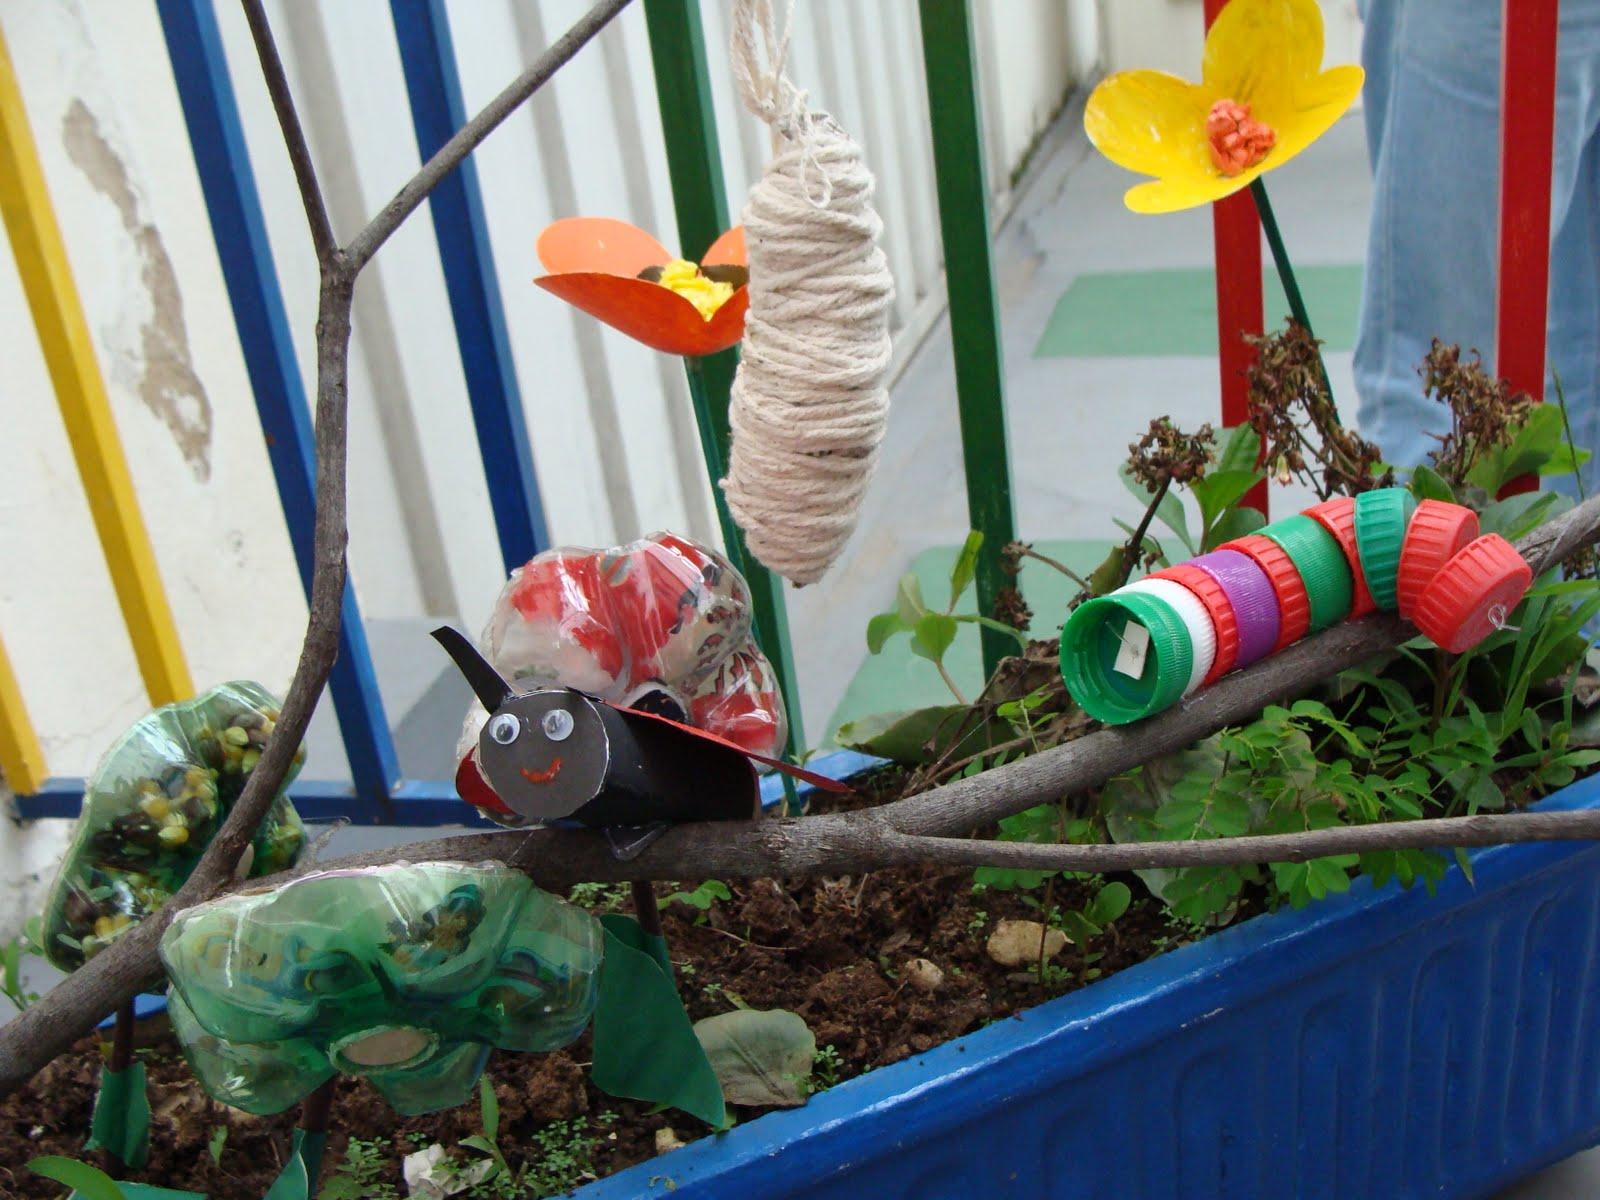 casulo de cordão esconde uma borboleta Joaninha passeia pelo jardim